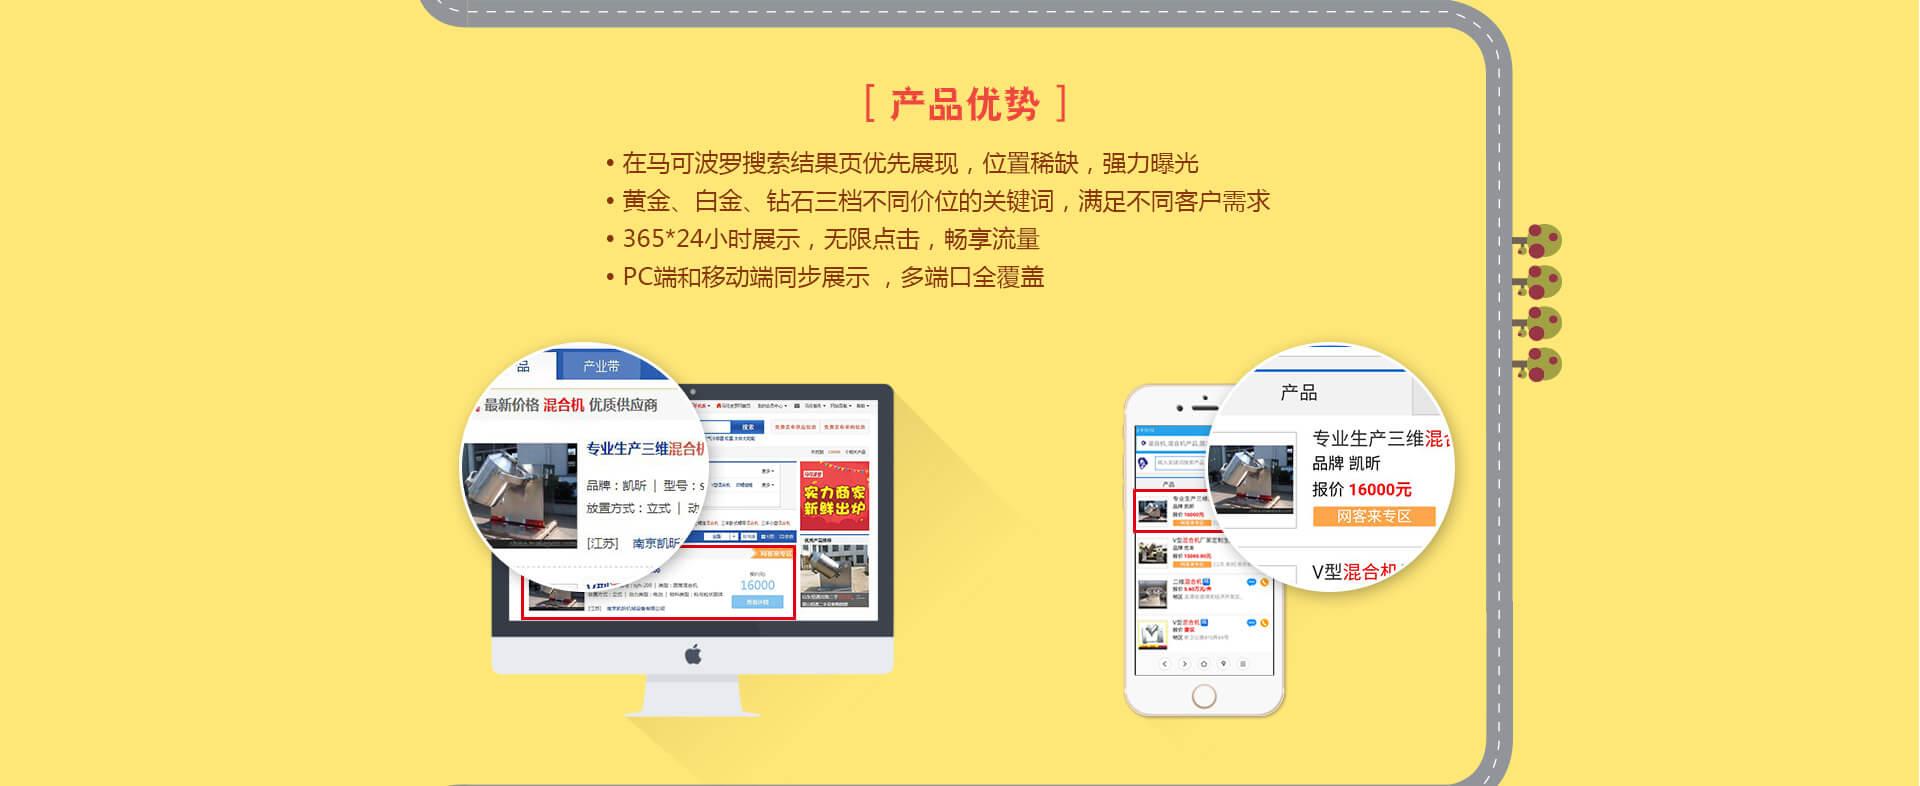 澳门新葡京娱乐624221.com